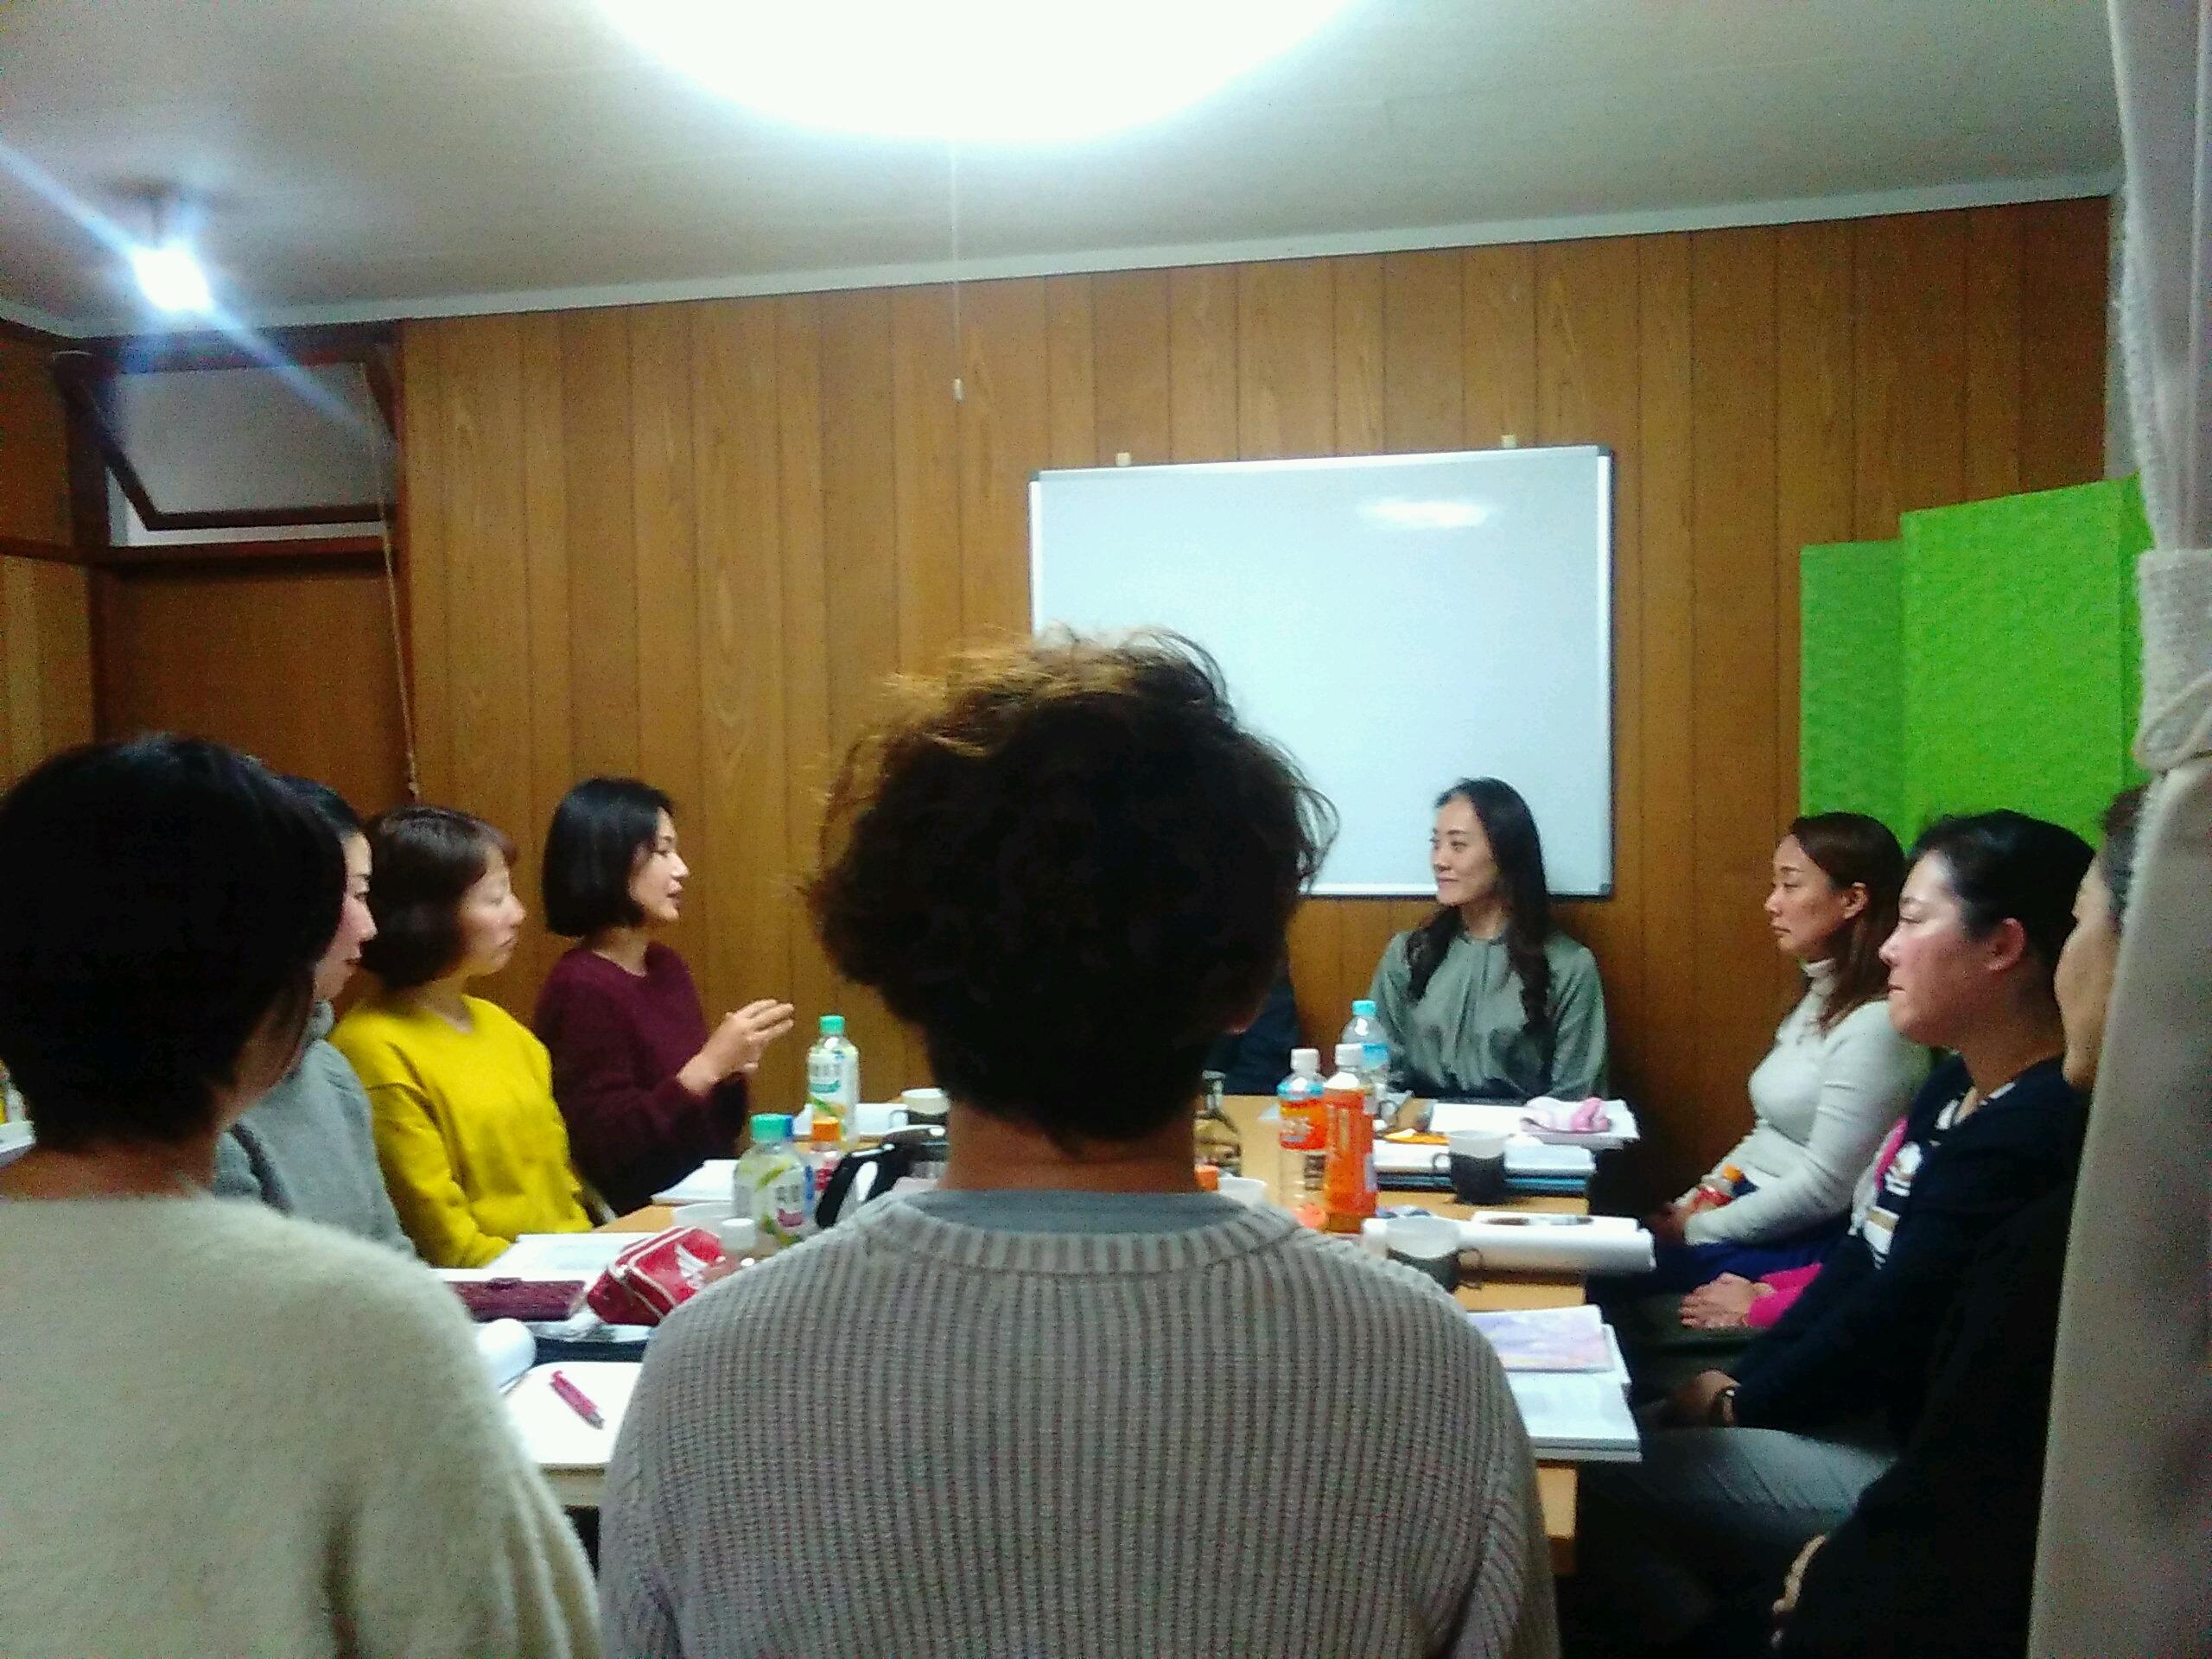 20191214185649 - 12月14日、胎内記憶教育協会講師養成講座5期生の第5、6講座開催